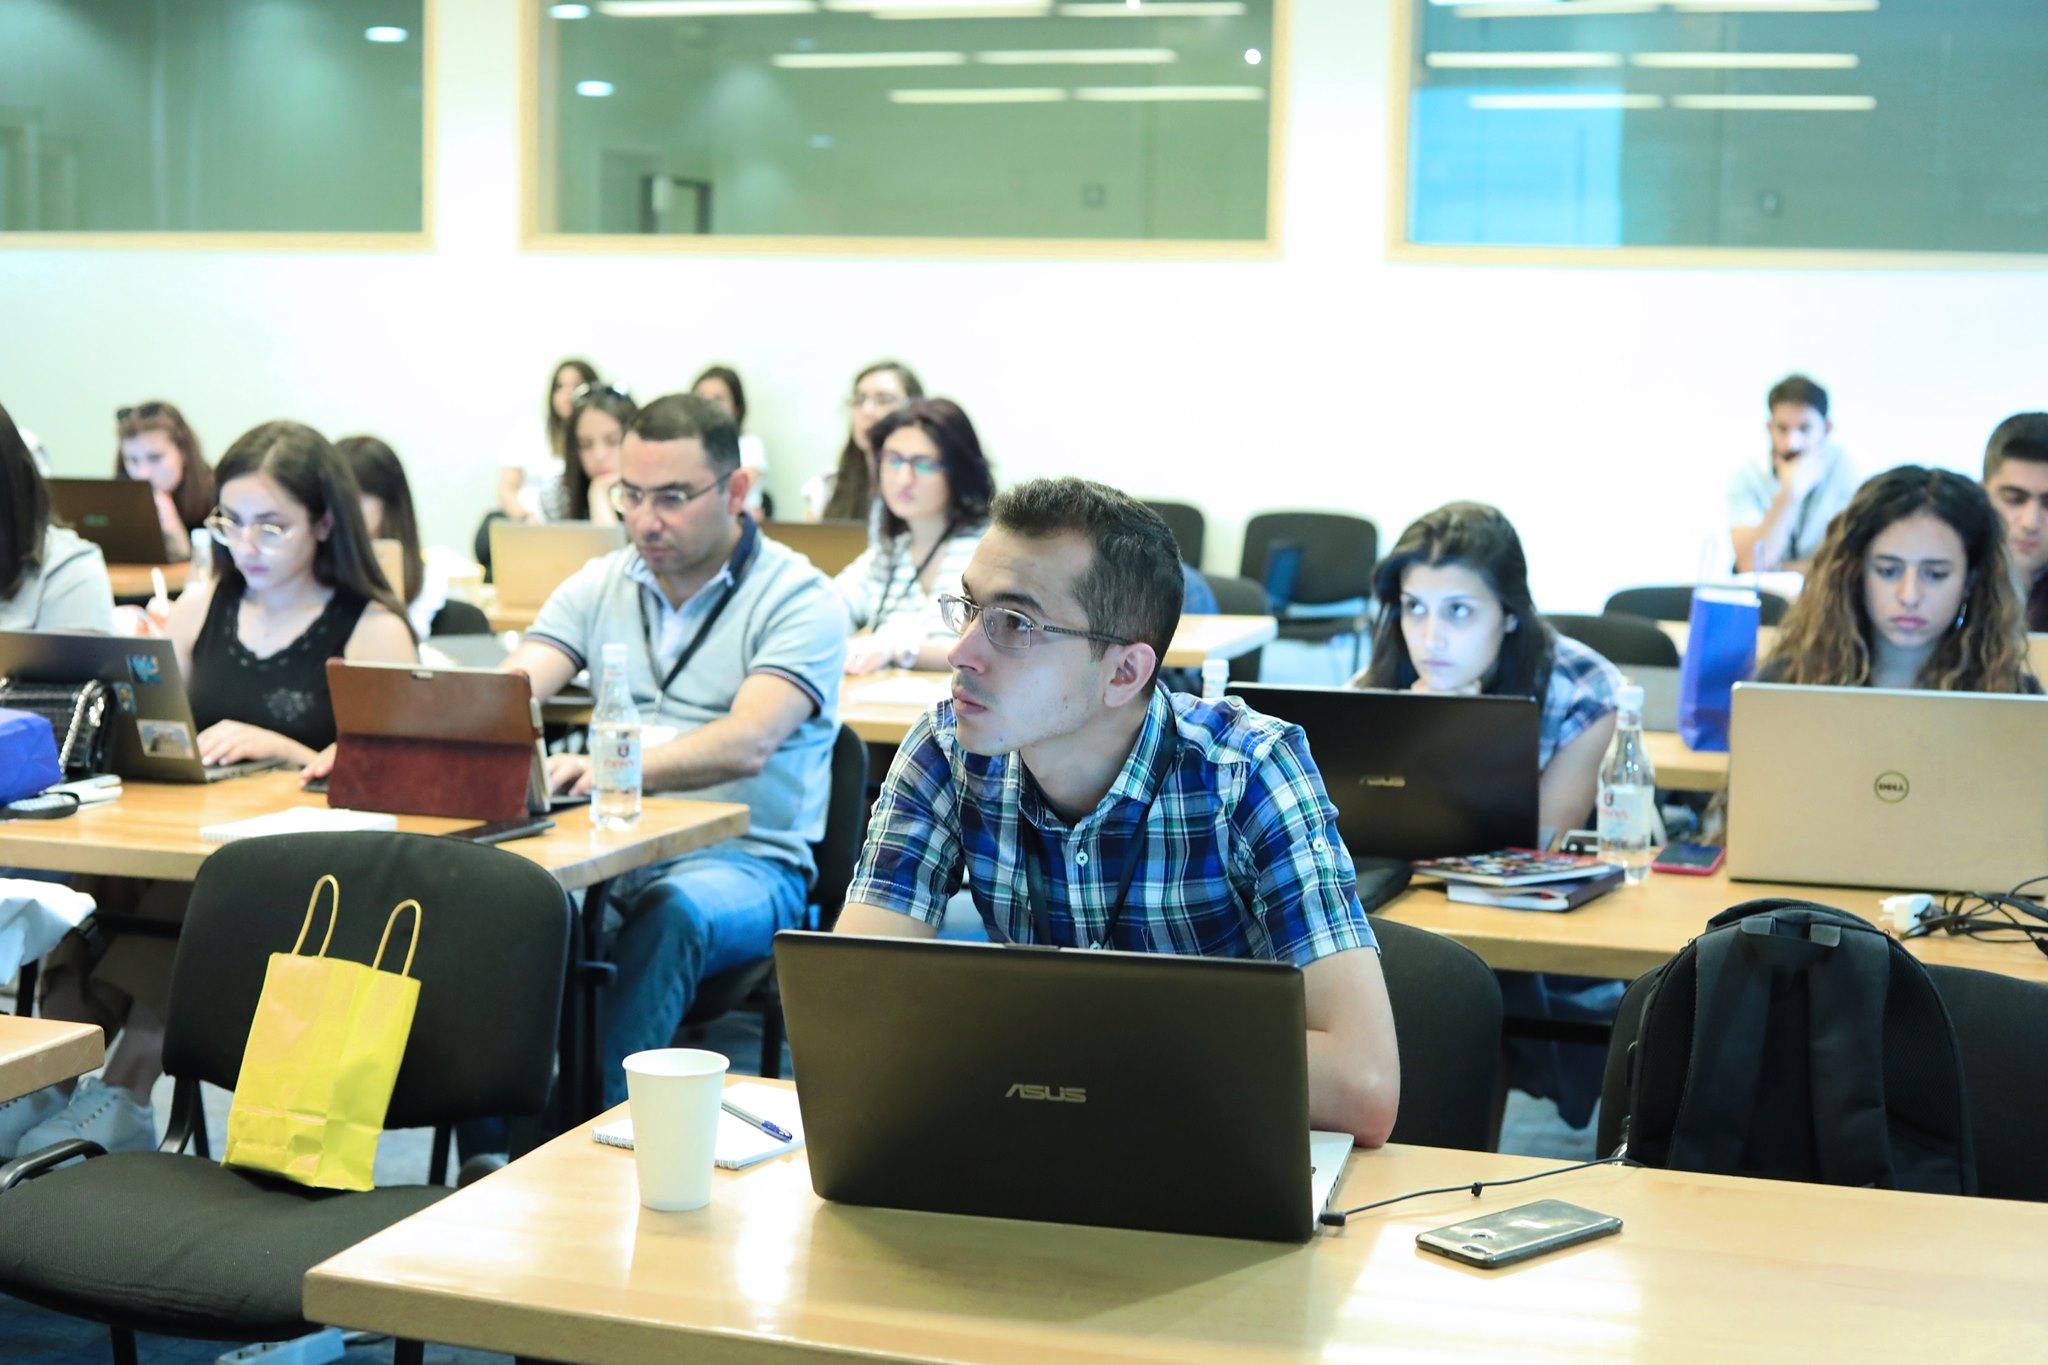 Летняя школа науки о данных впервые запущена в Армении при поддержке Webb Fontaine